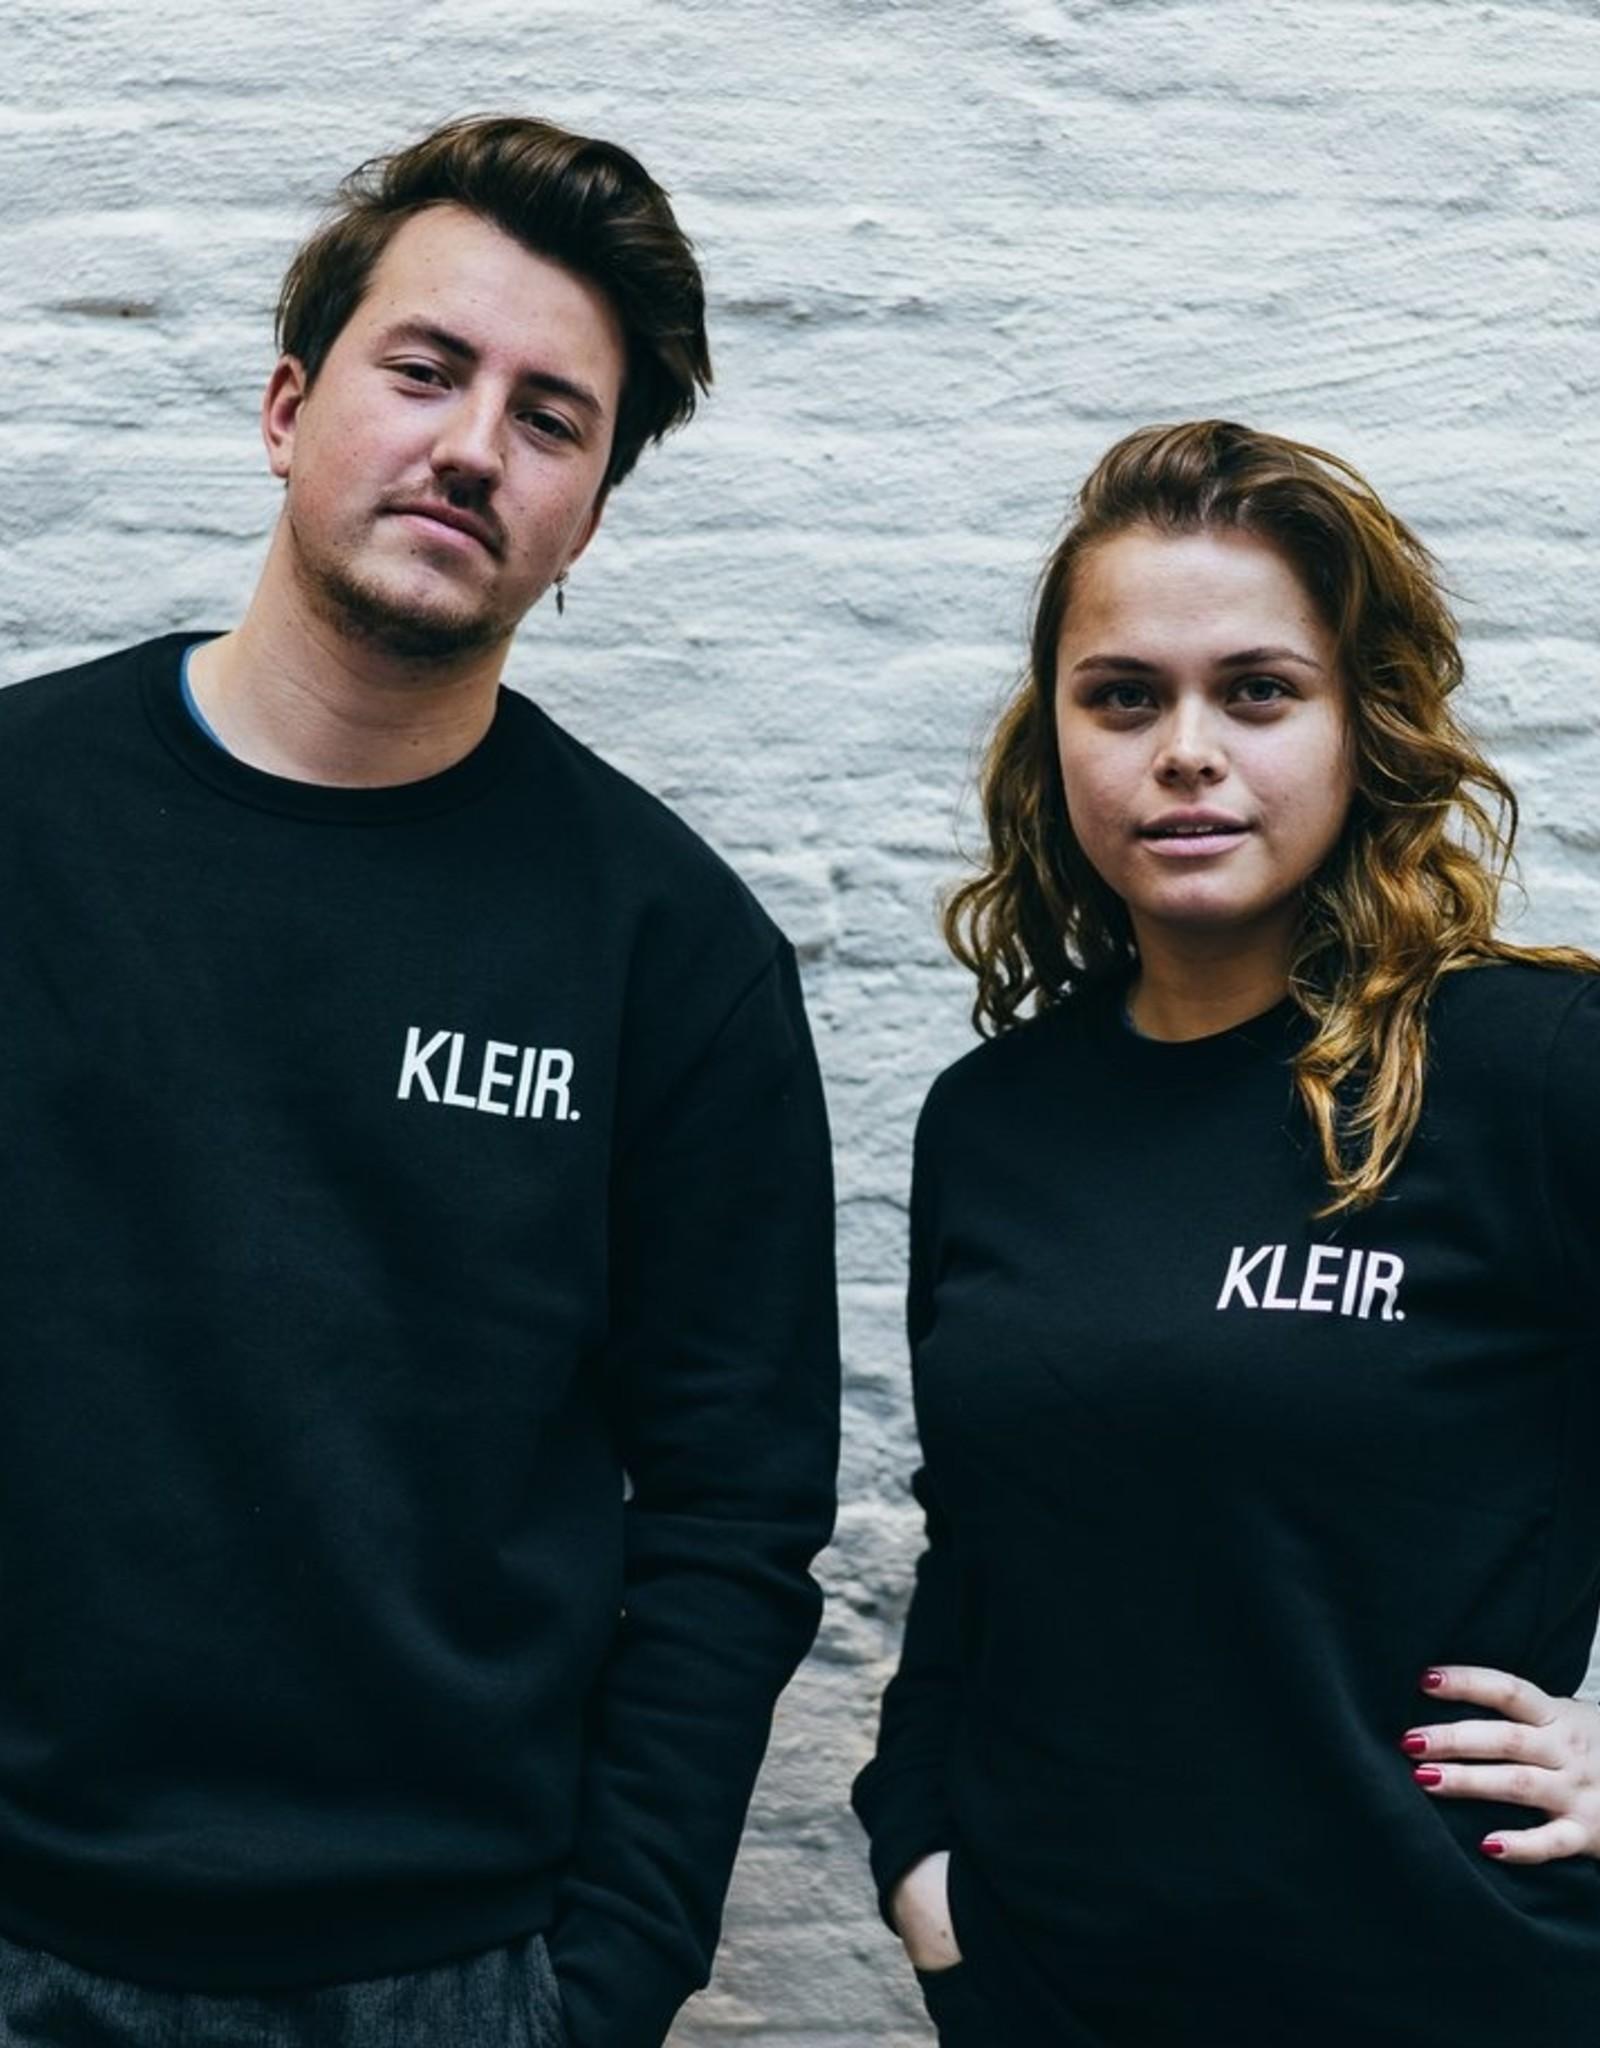 Kleir Sweater Biokatoen KLEIR-zwart